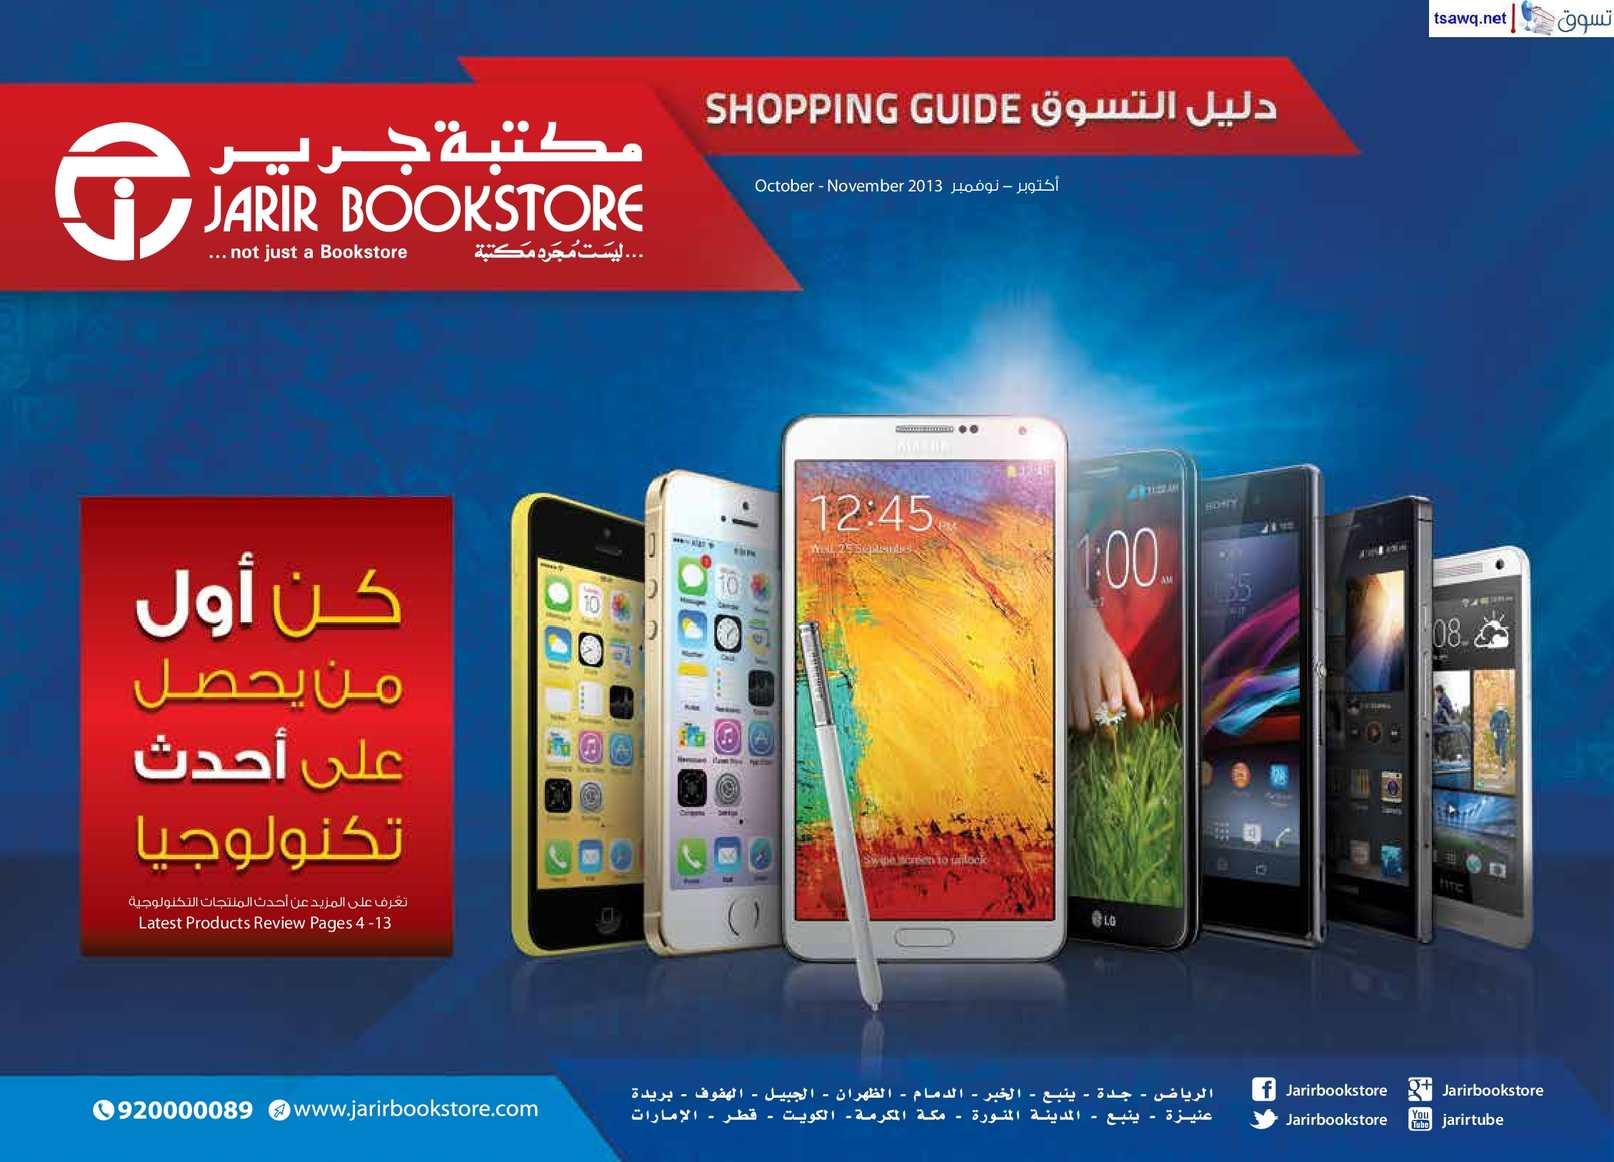 b33bdc2d83481 Calaméo - دليل التسوق من جرير السعودية الإصدار أكتوبر - نوفمبر 2013 184 صفحة